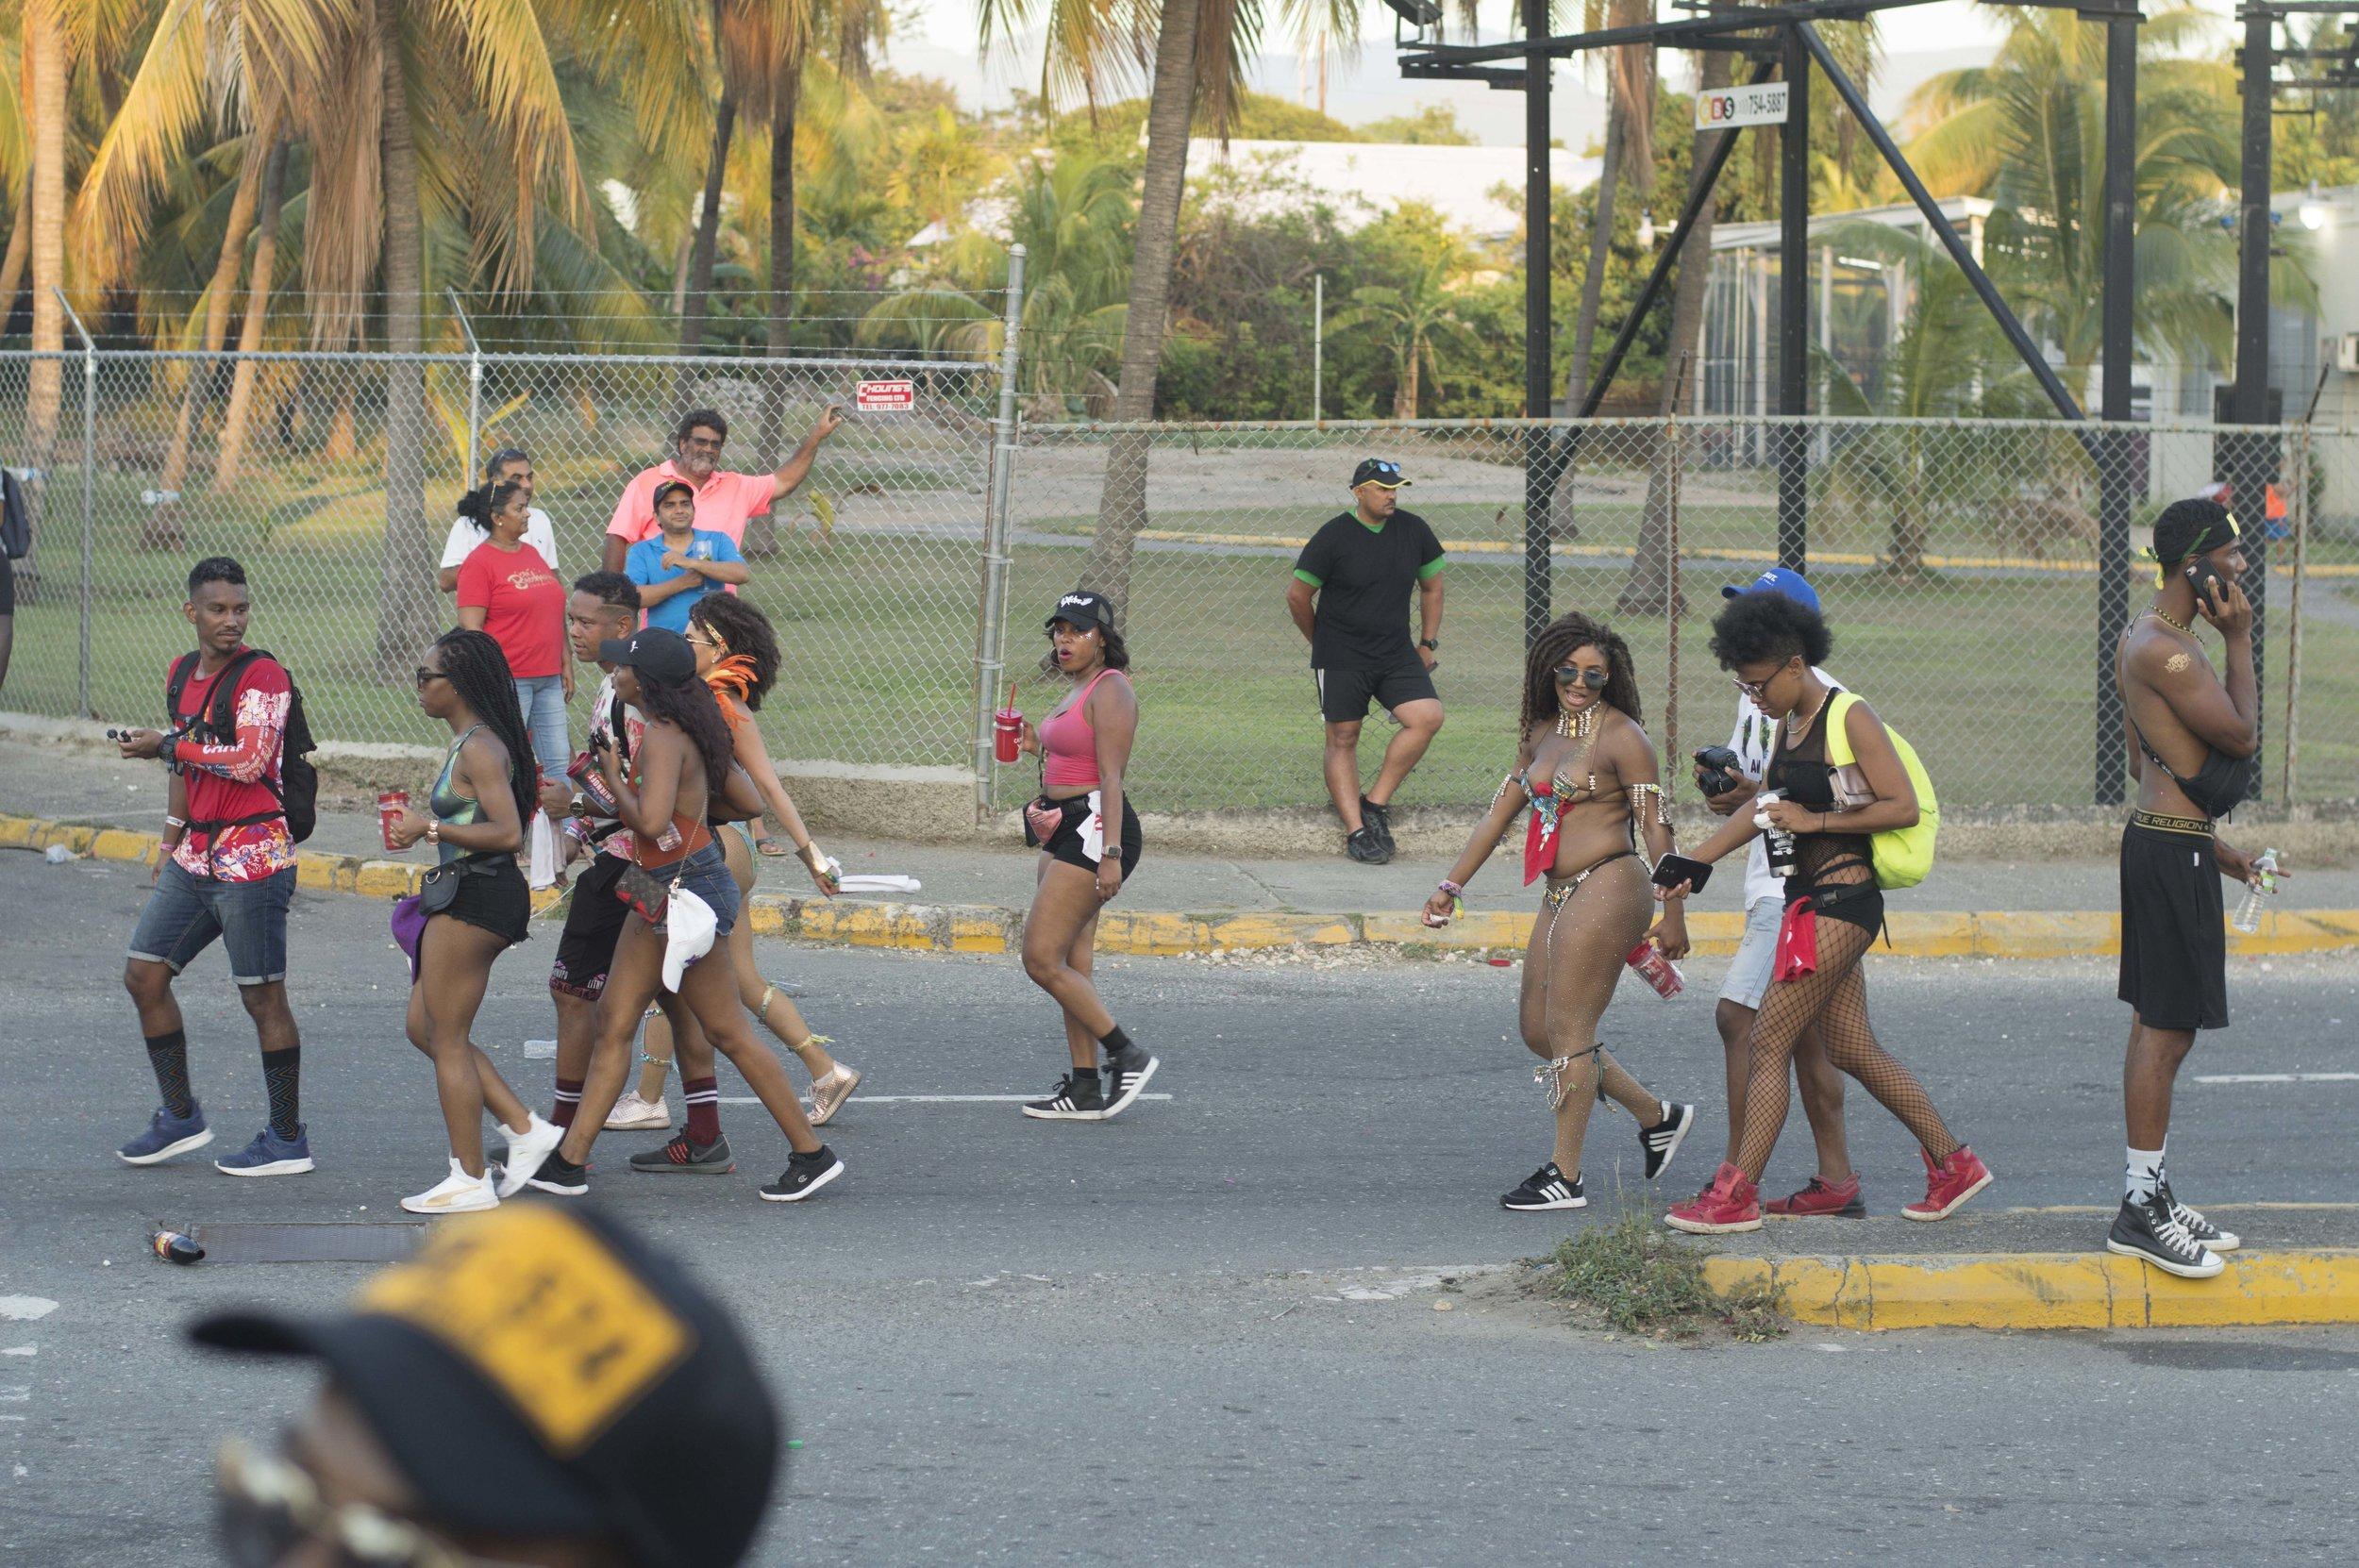 carnival2019_jeanalindo-59.jpg